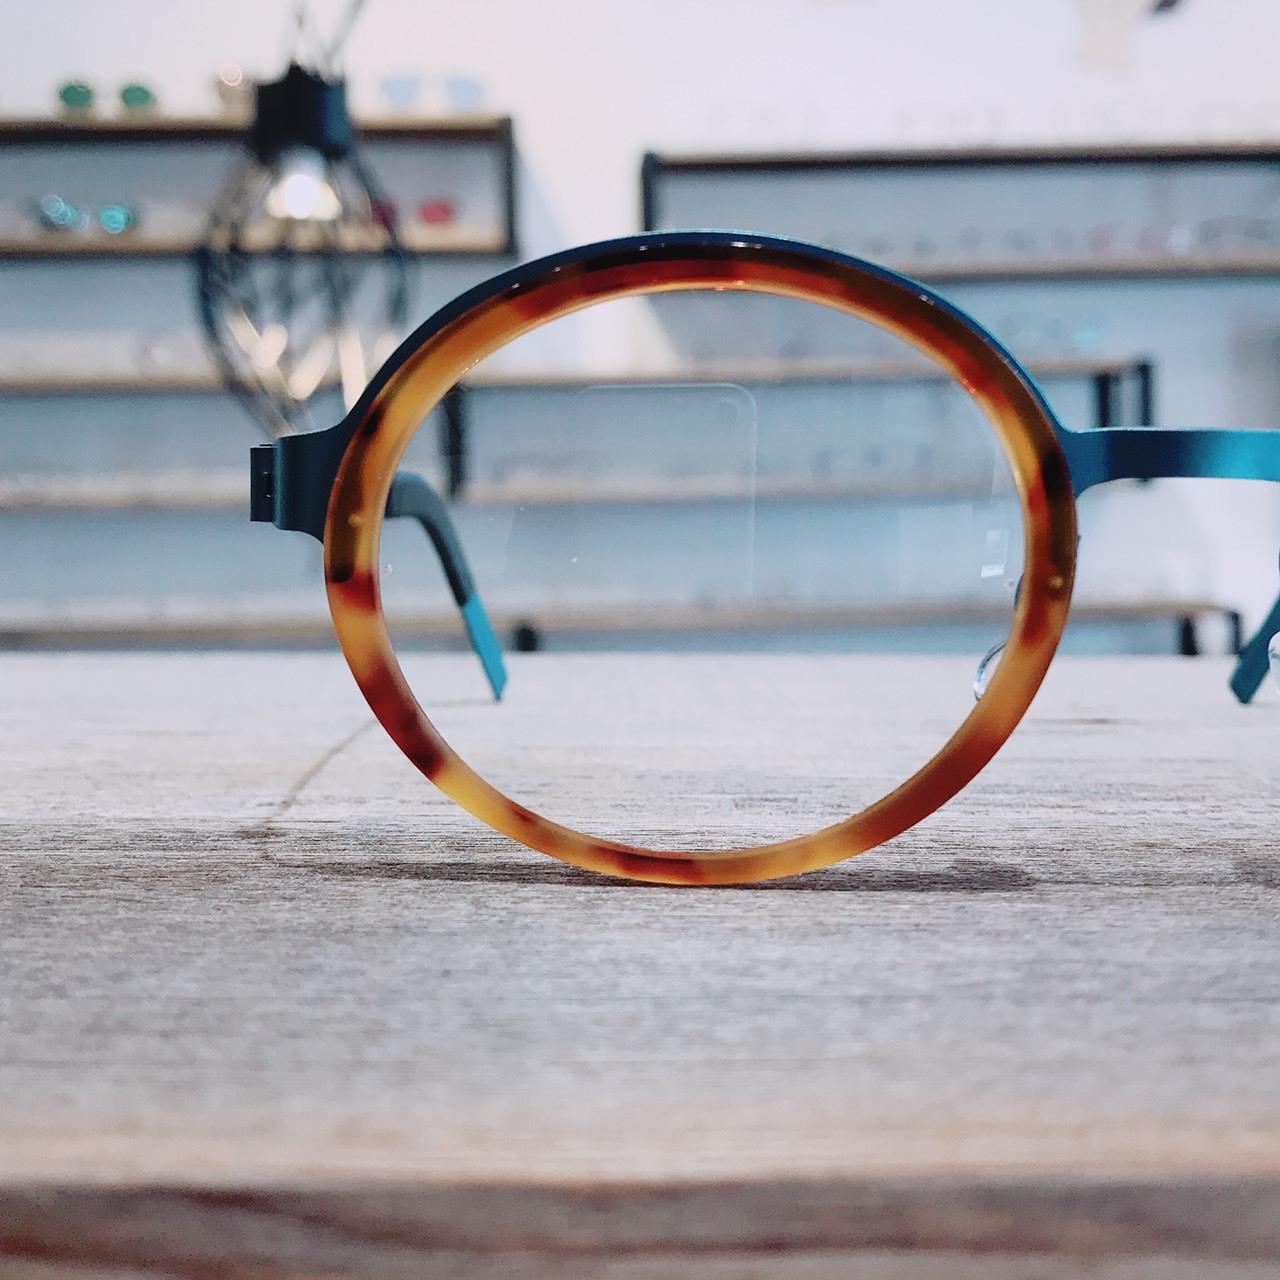 保谷と吉祥寺にある眼鏡屋。_a0172250_10563058.jpg